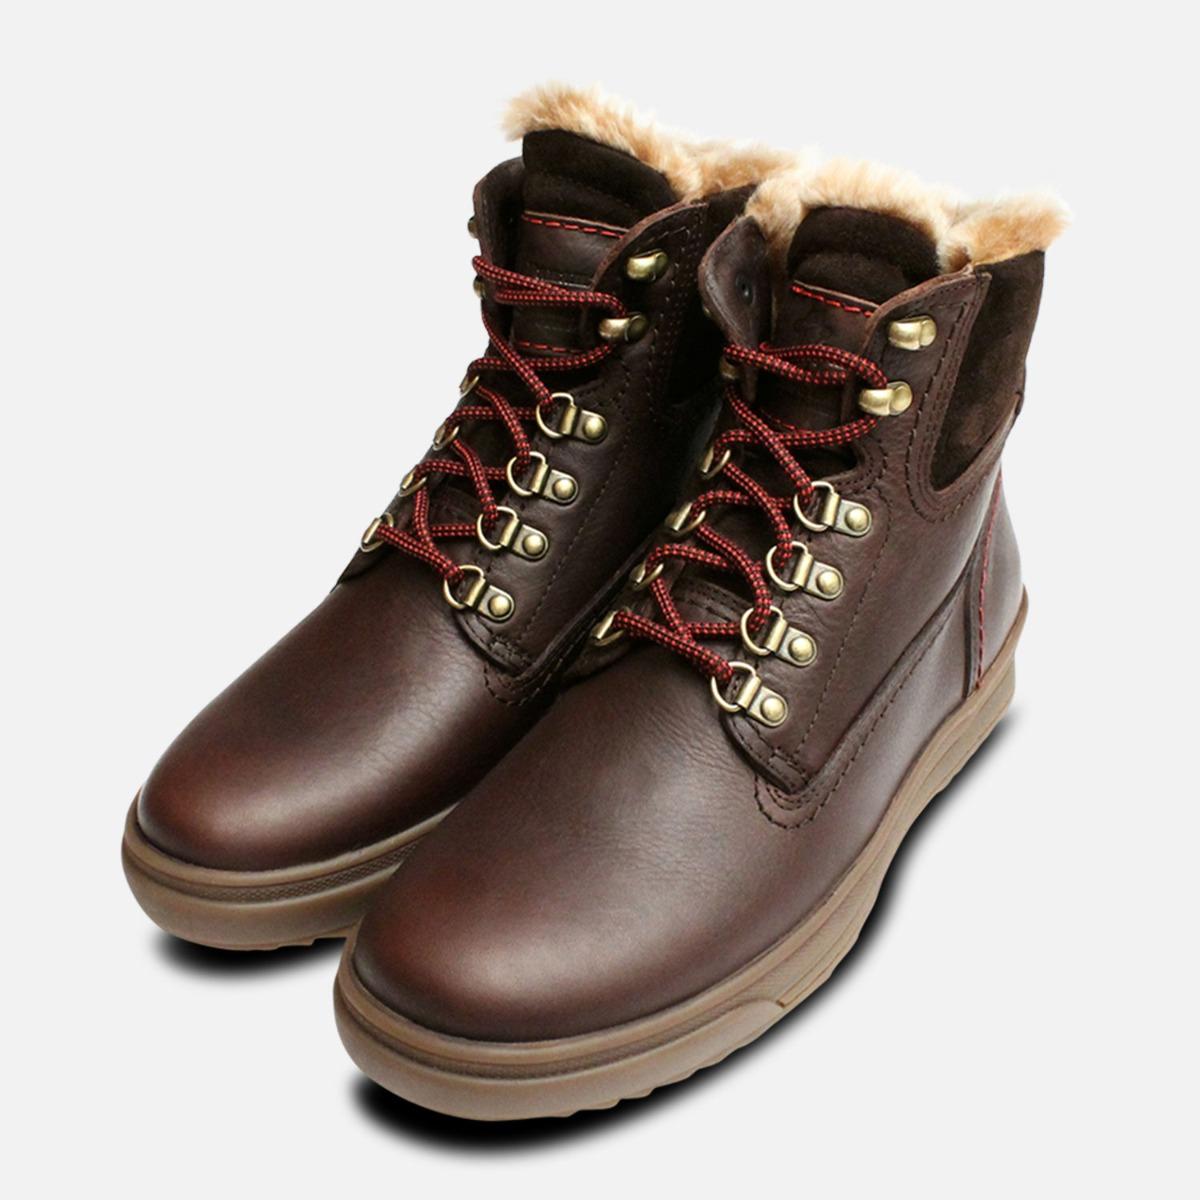 5f7f1df49c10d8 Fur Lined Brown Urban Trekker Panama Jack Boots